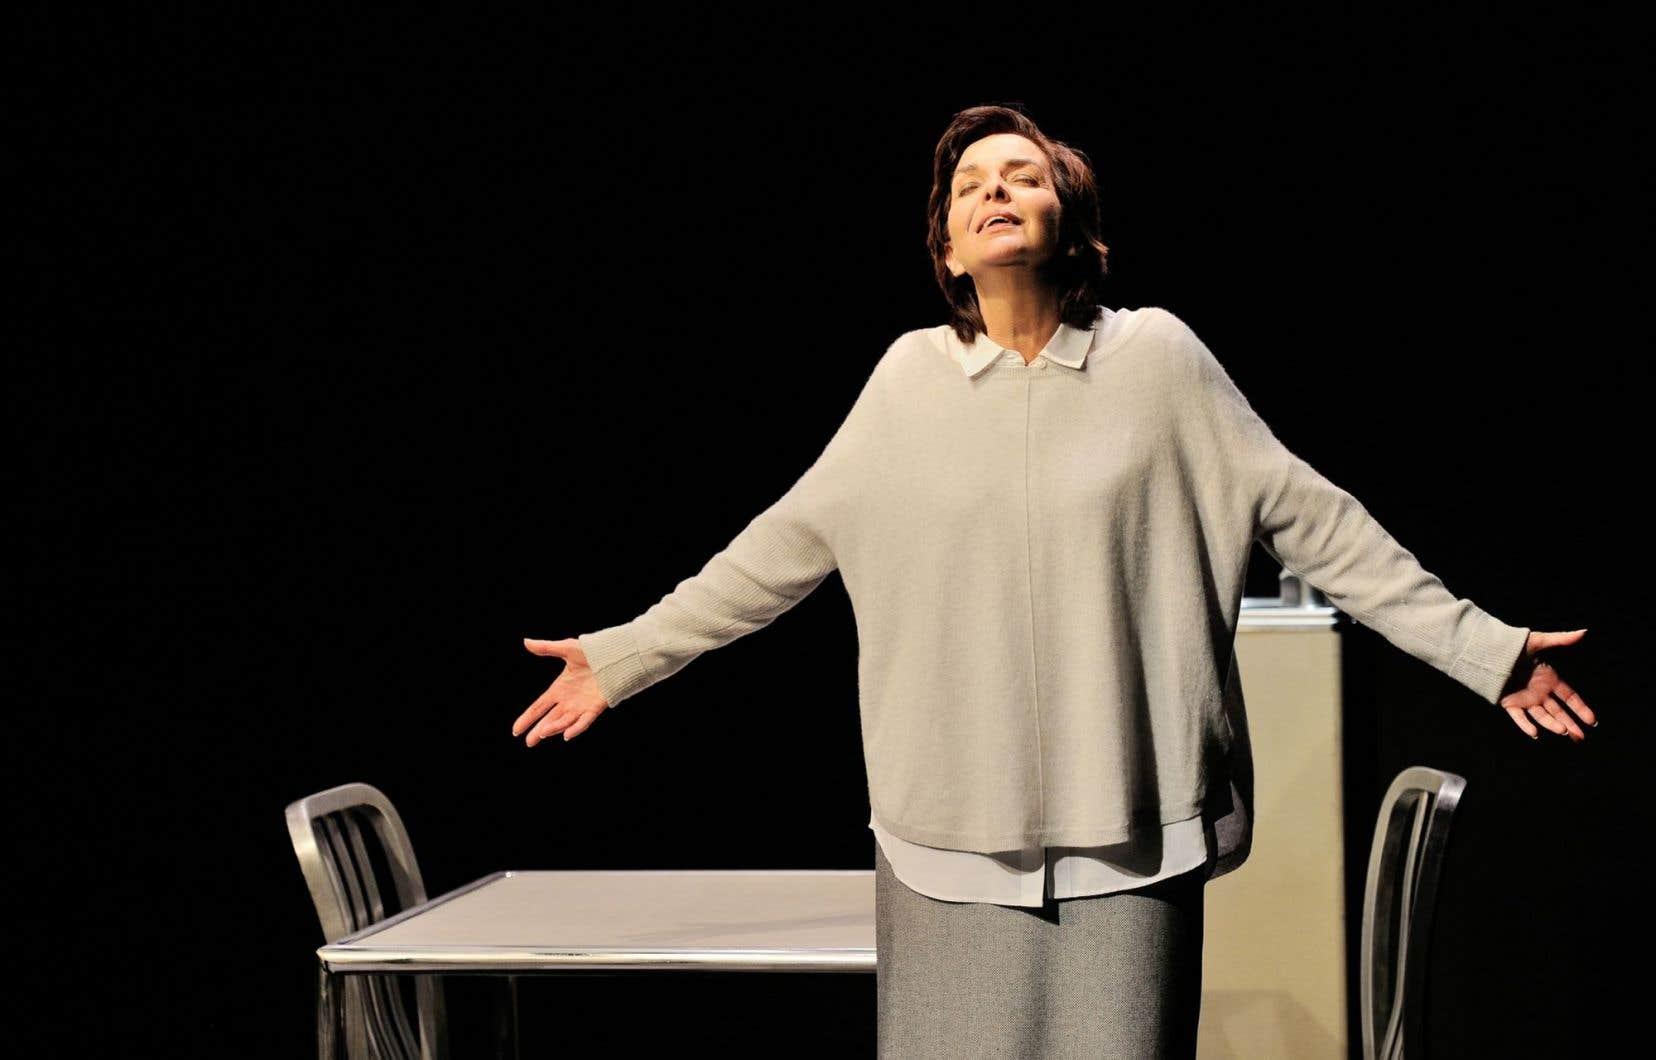 Le personnage de Miss Brodie trouve en Micheline Bernard une interprète au tempérament fort, tour à tour caustique, rageuse, déchirée.